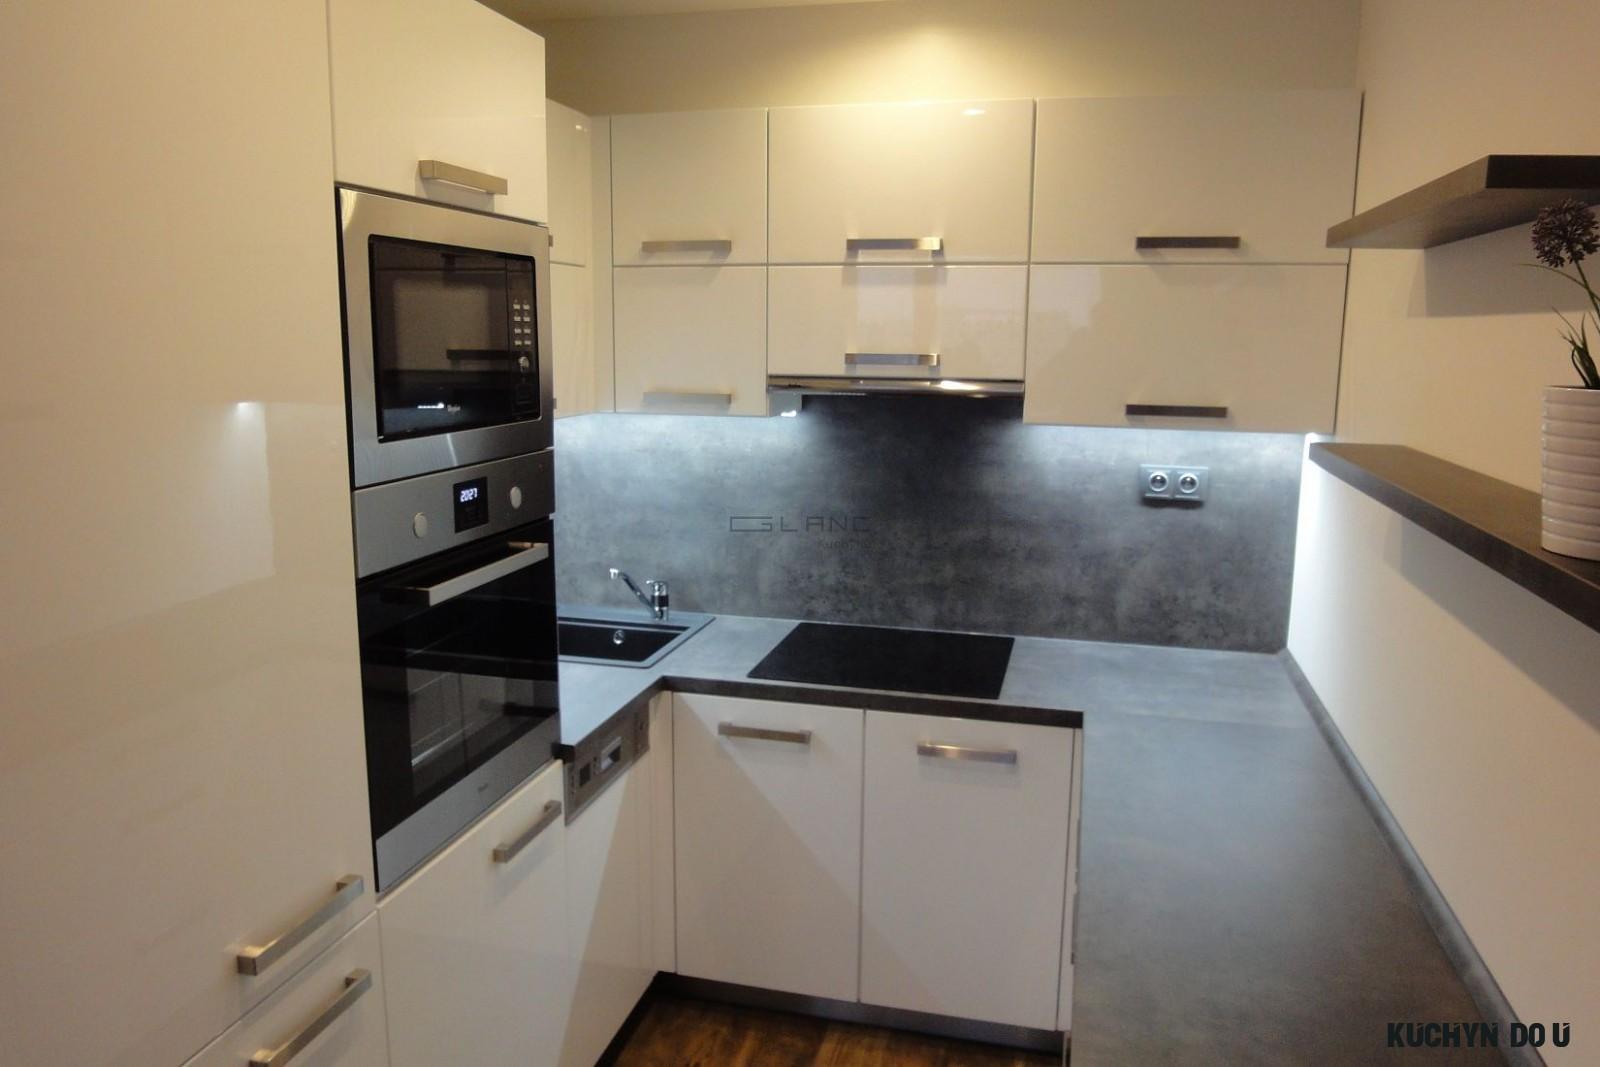 9 Bílá kuchyně v lesklém laku - Glanc kuchyně - kuchyně na míru